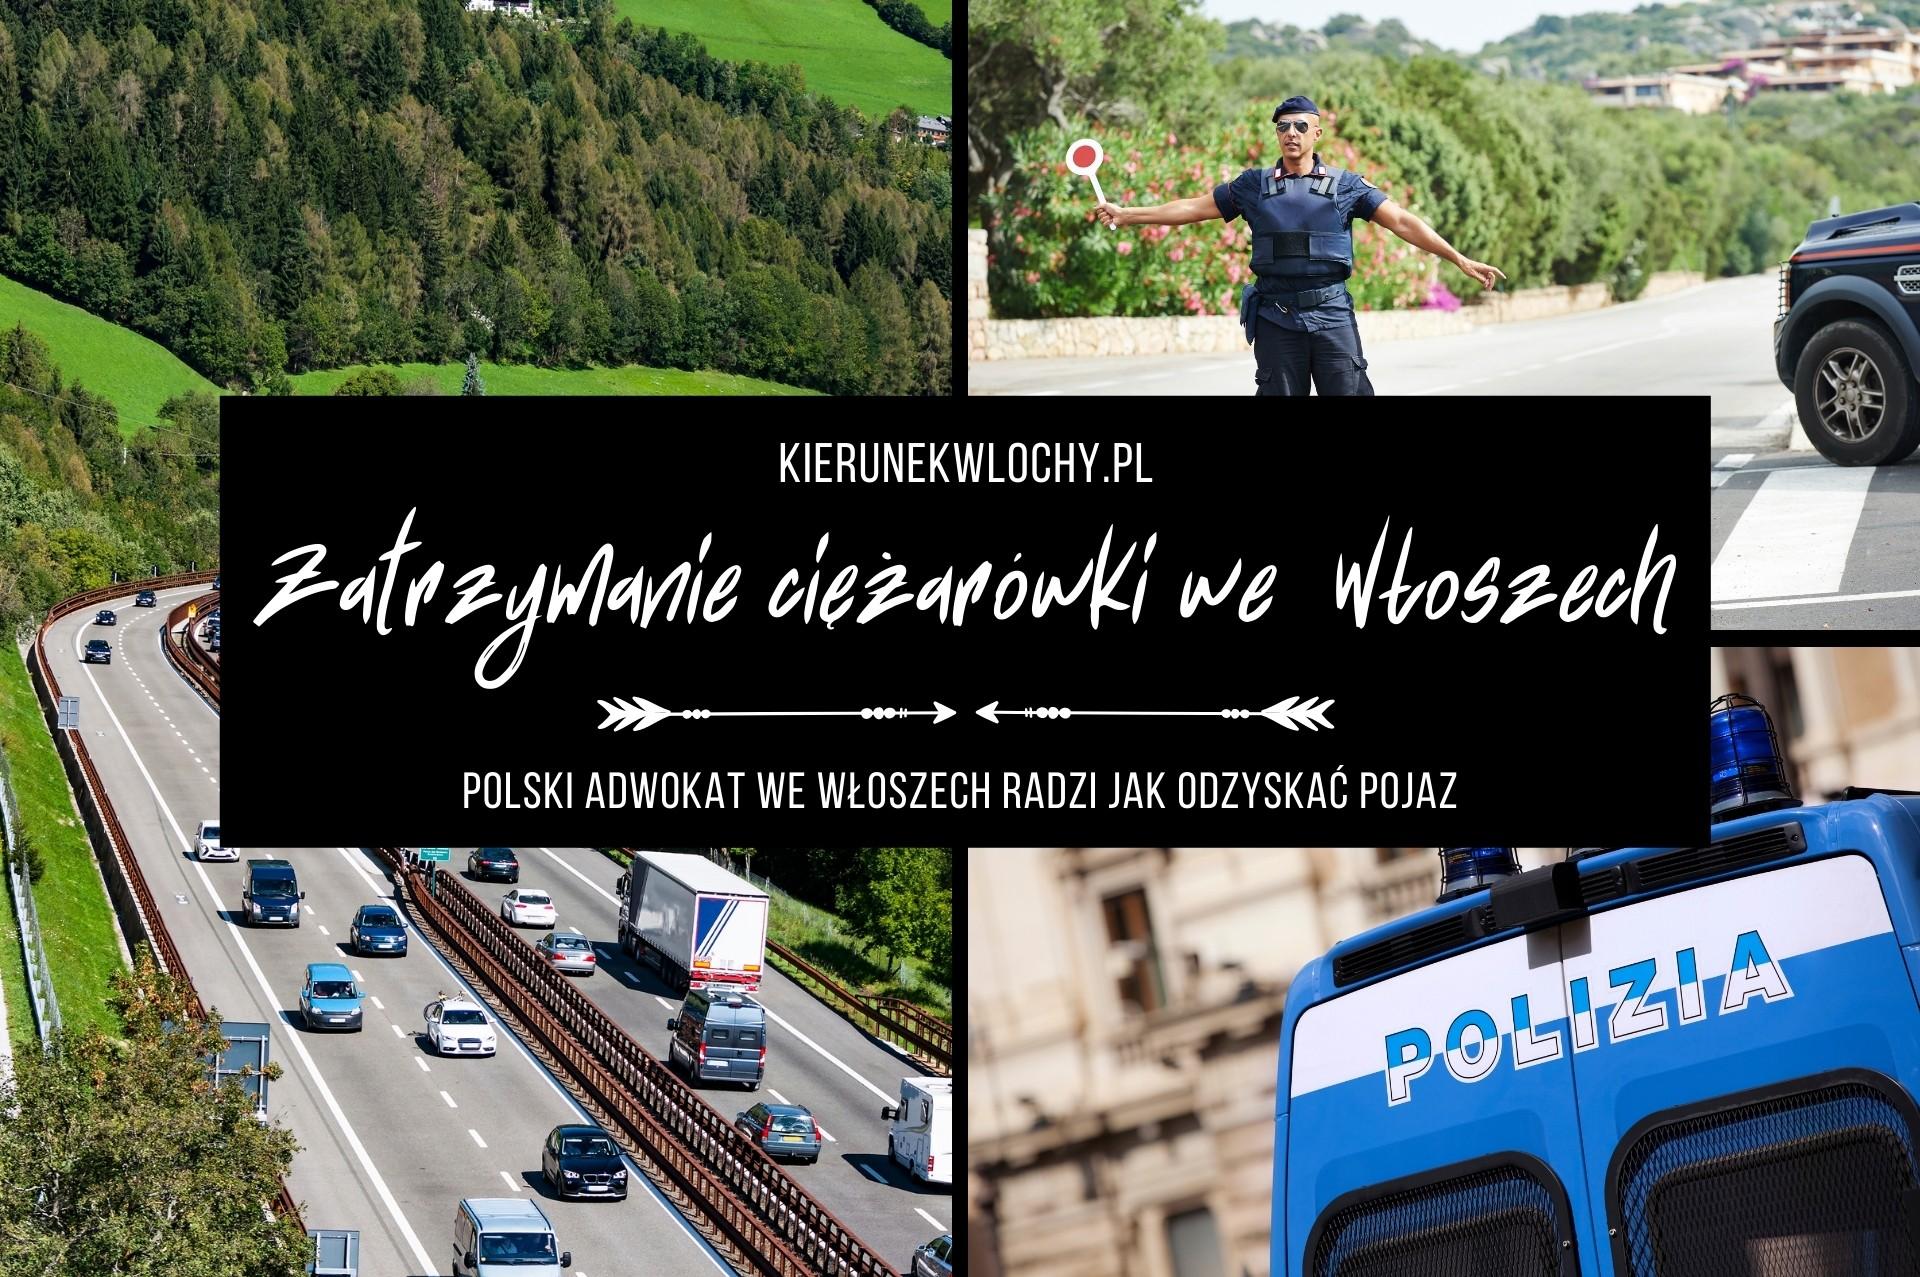 Zatrzymanie ciężarówki we Włoszech. Polski adwokat radzi jak odzyskać pojazd